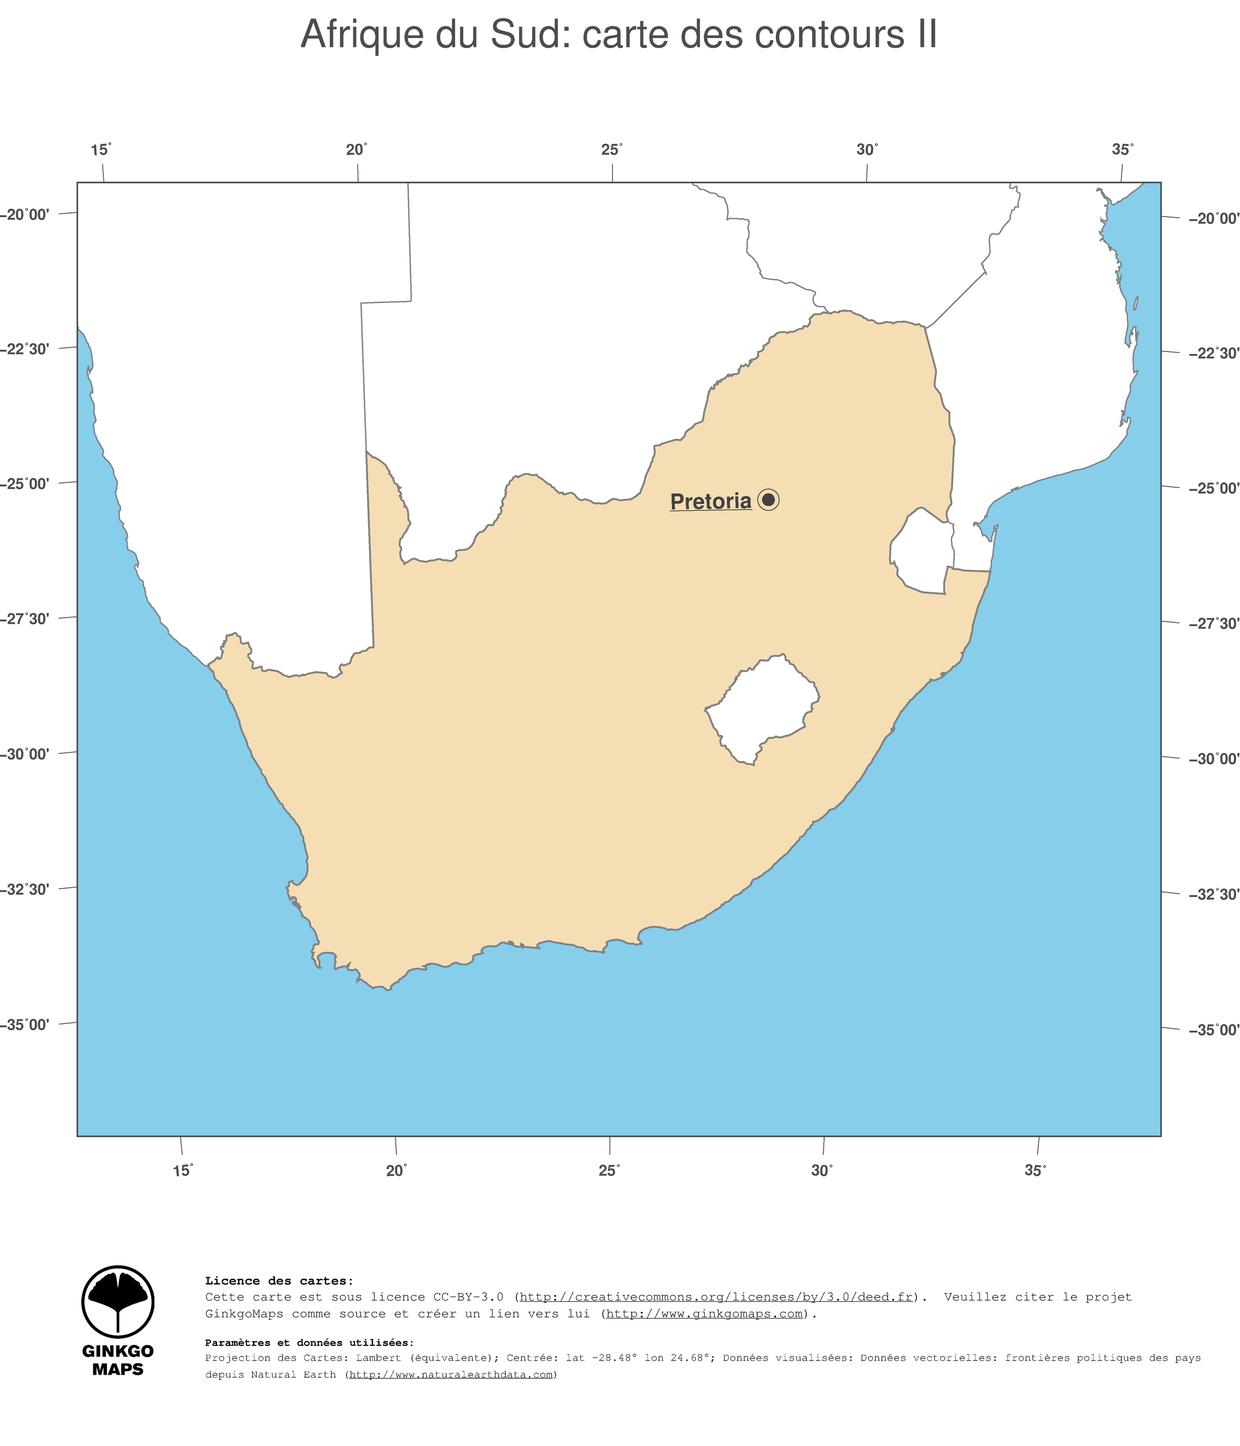 Carte Afrique du Sud | cartes géographiques Afrique ...